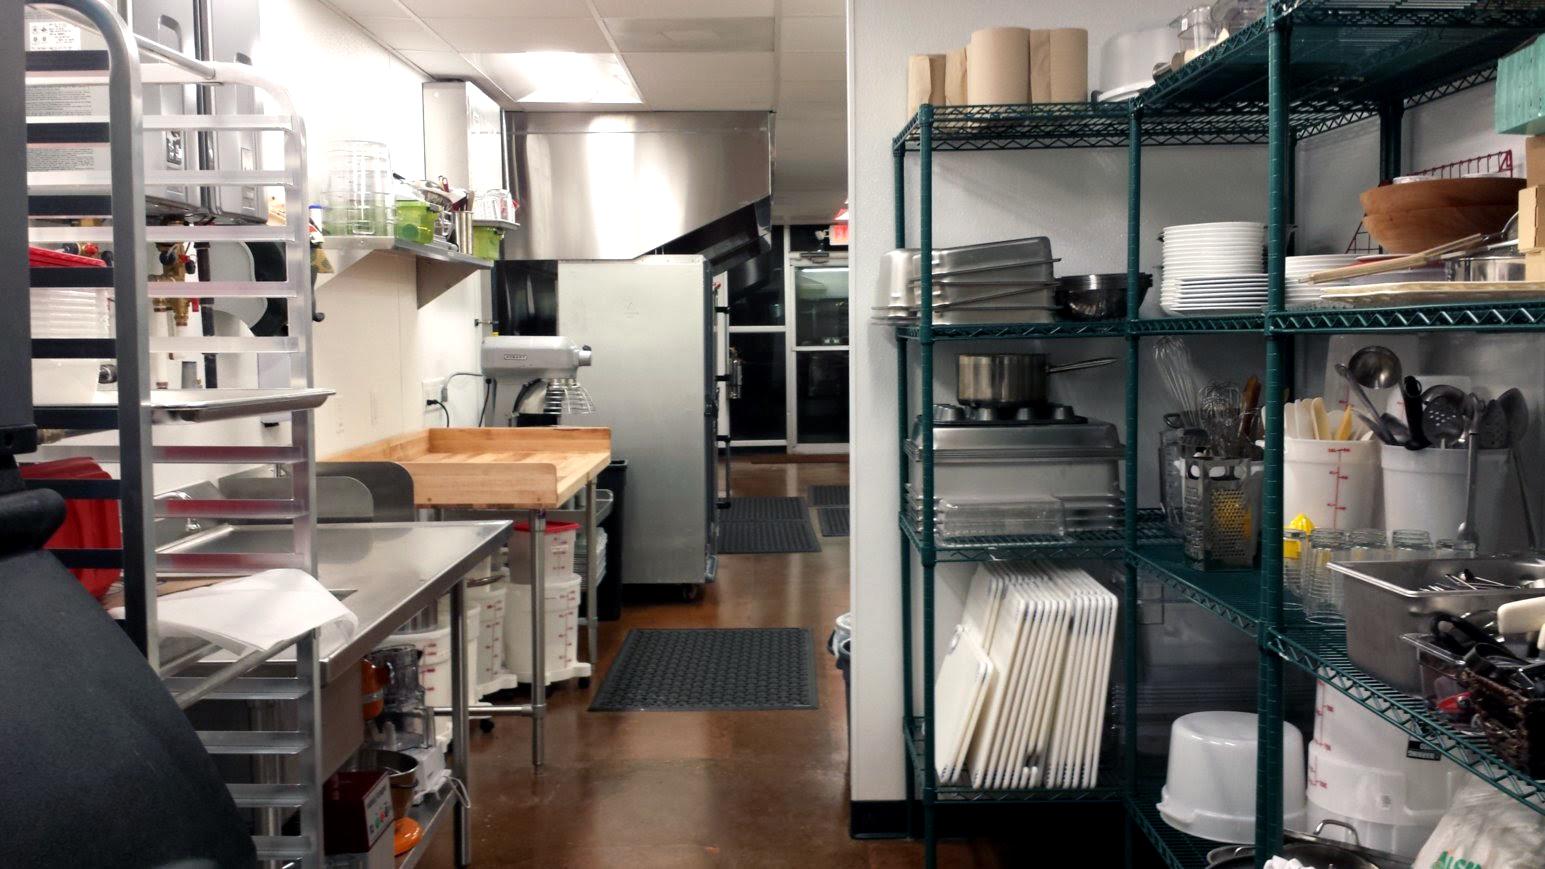 kitchen storage.jpeg